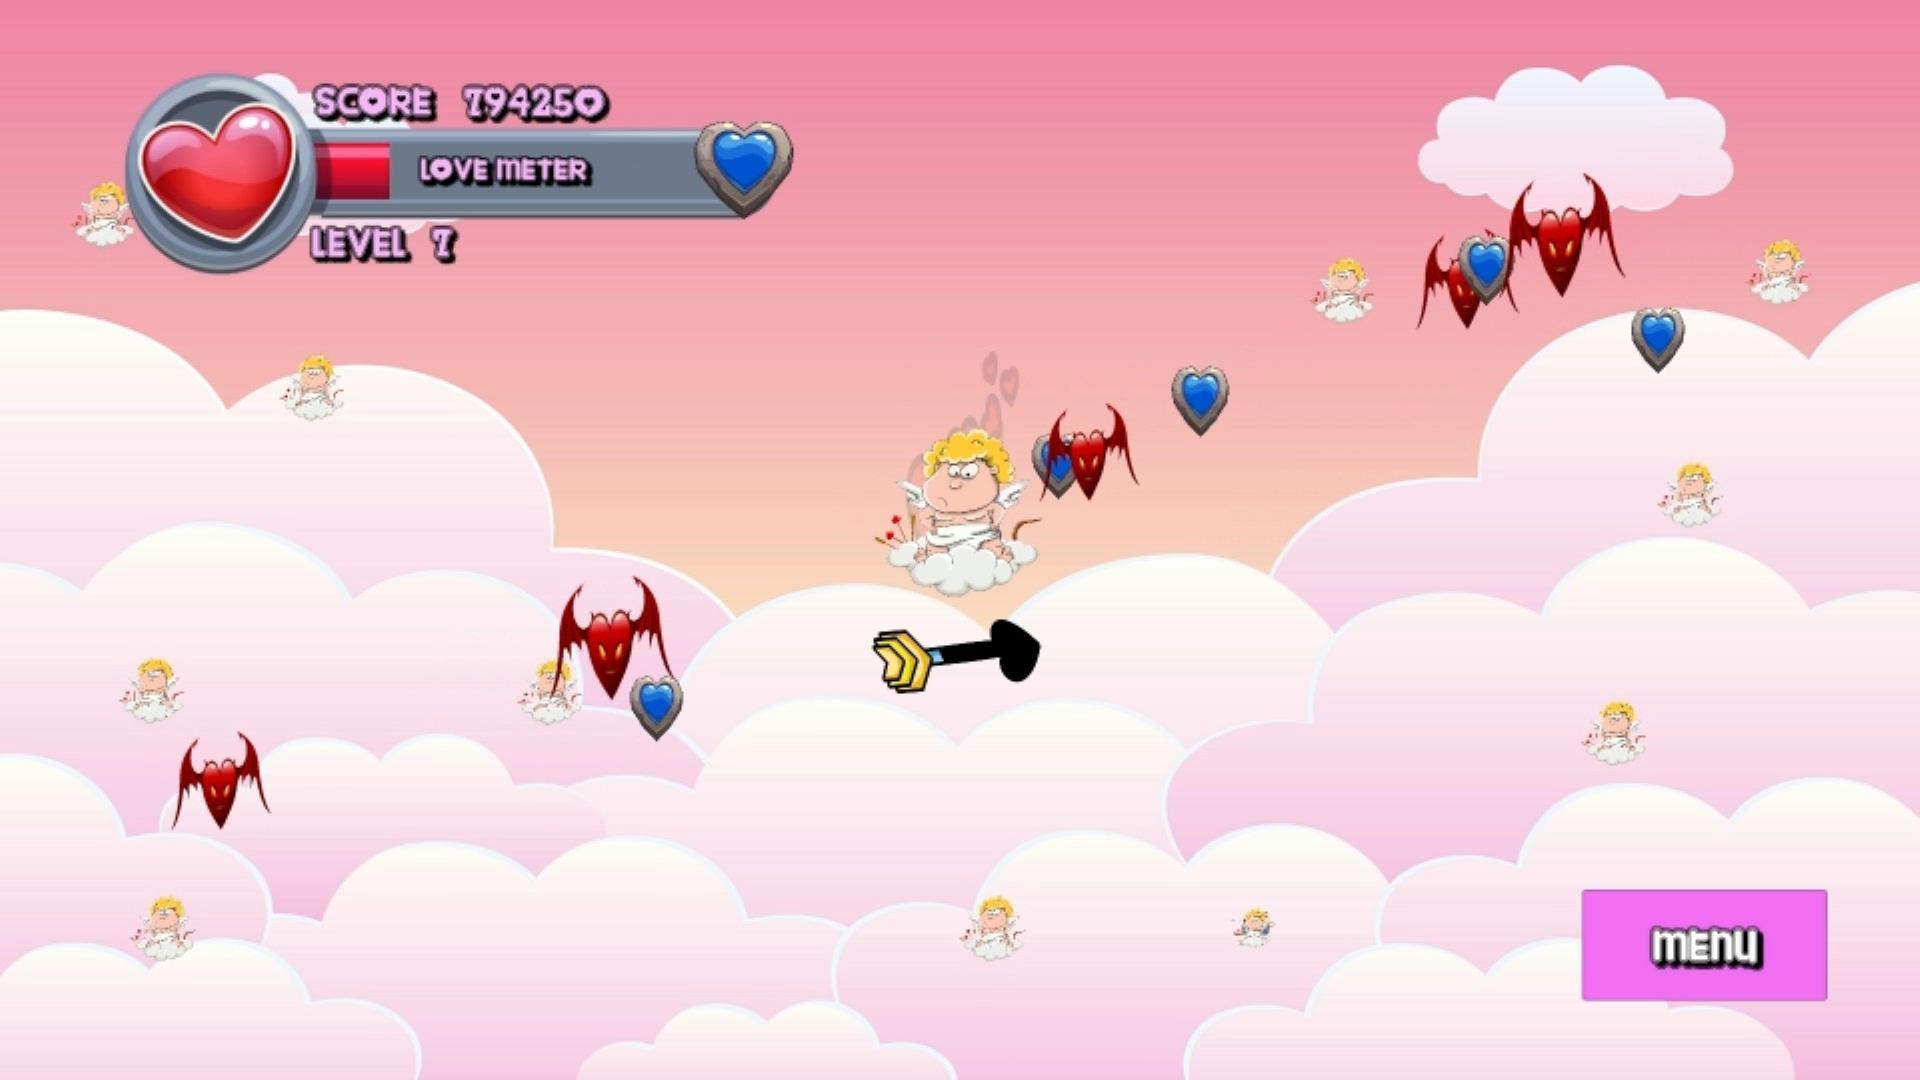 com.steam.914610-screenshot